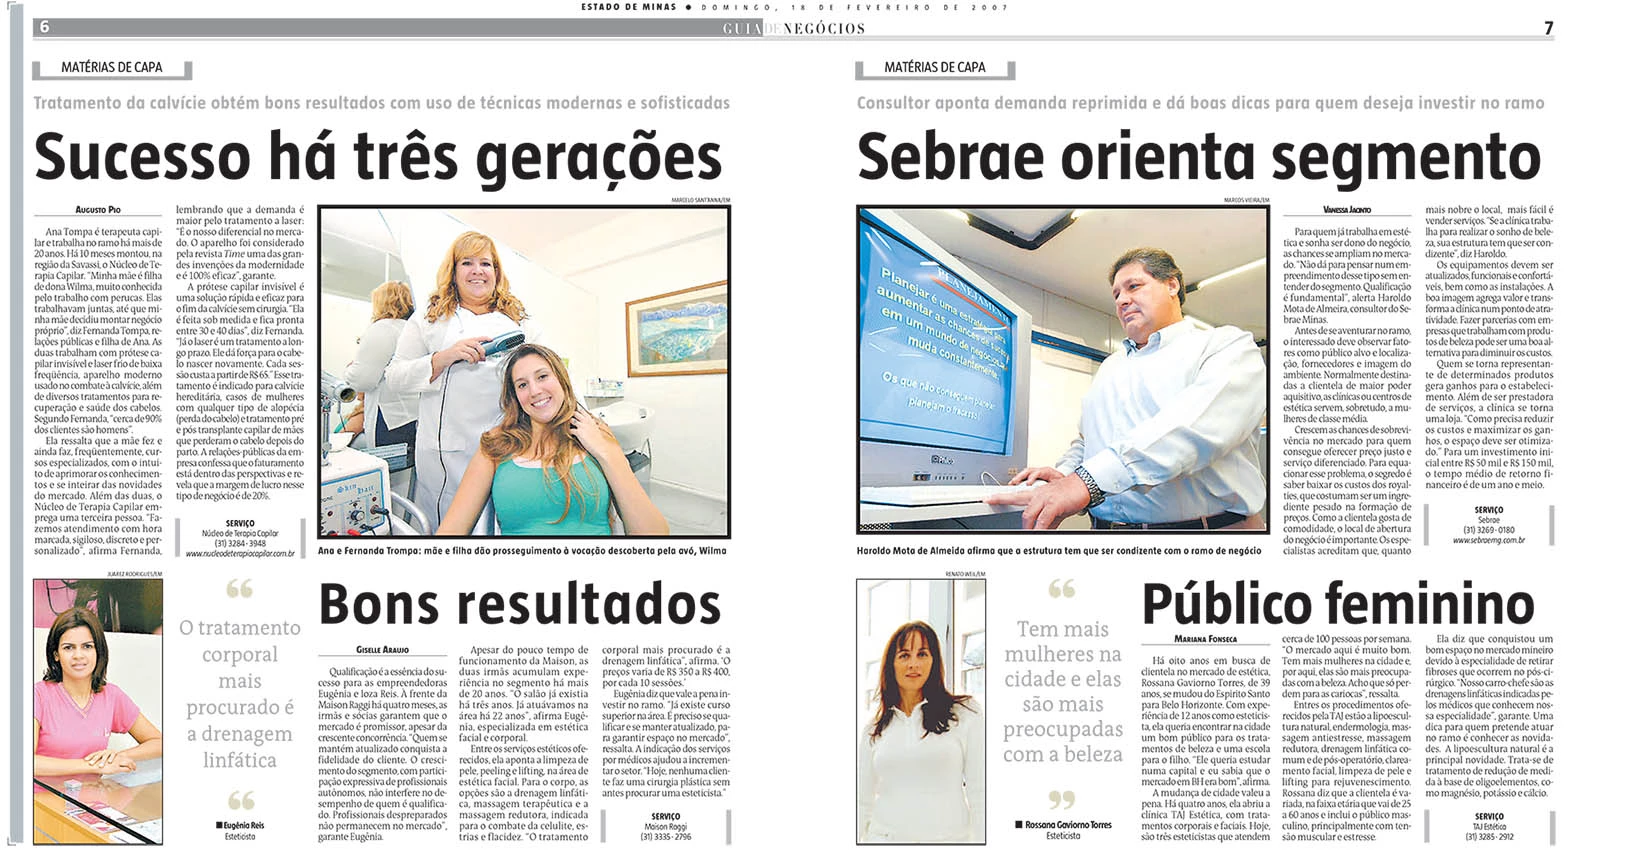 Sucesso ha tres geracoes - Estado de Minas - 2007